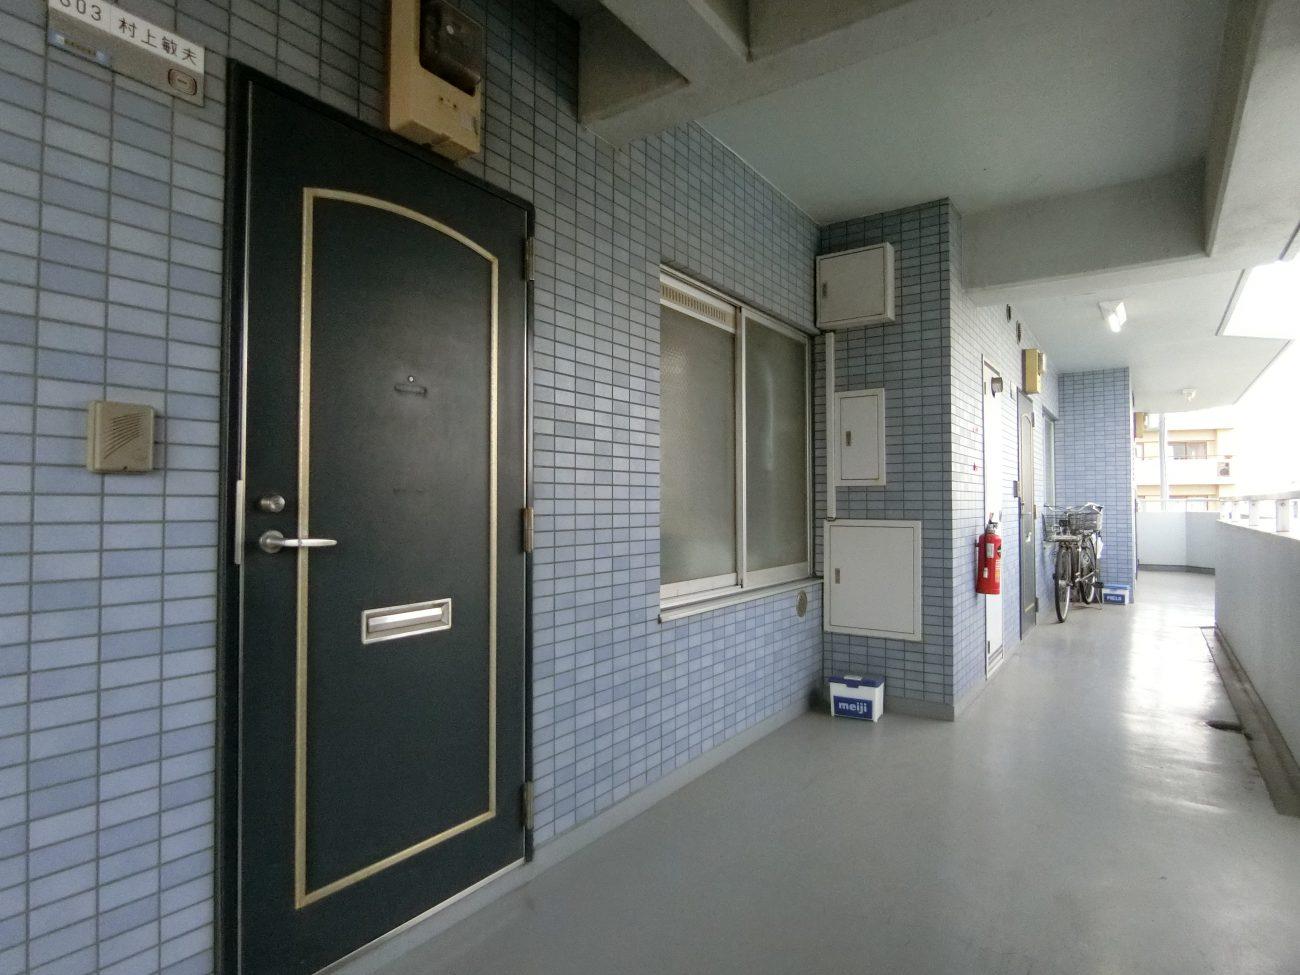 綾瀬 築30年 5階建てRCマンション 外構リニューアルの画像